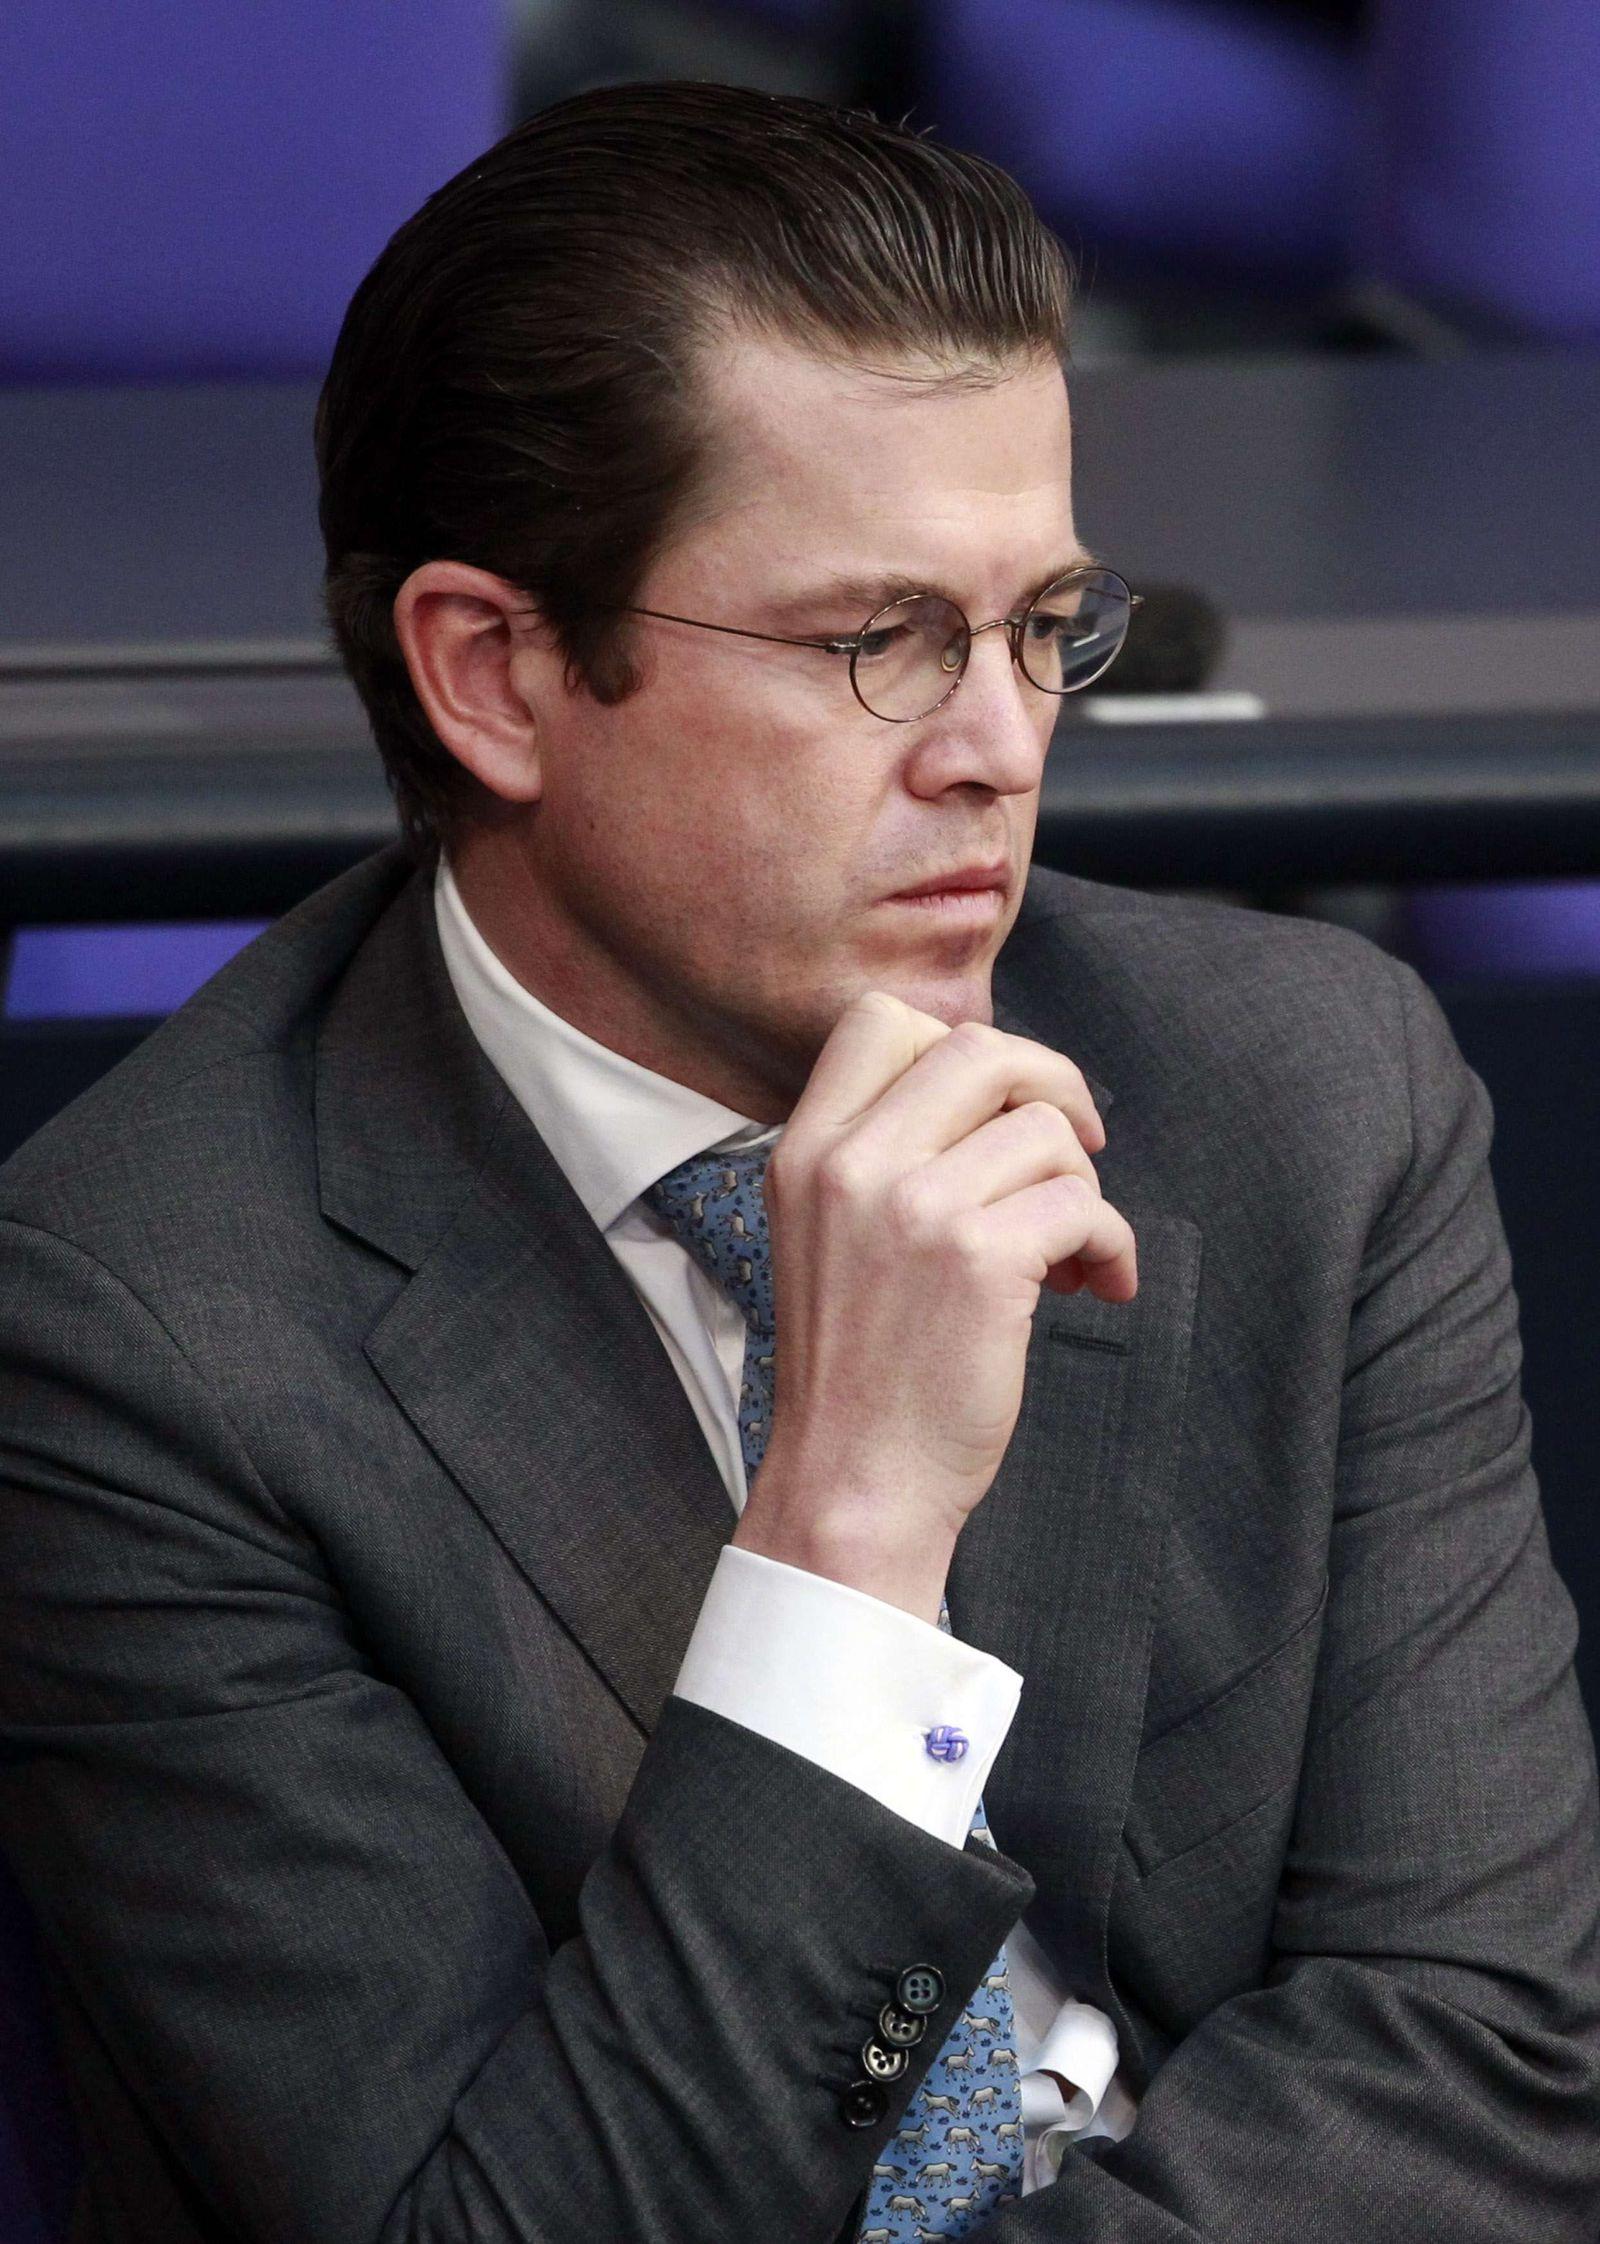 Guttenberg/ Bundestag